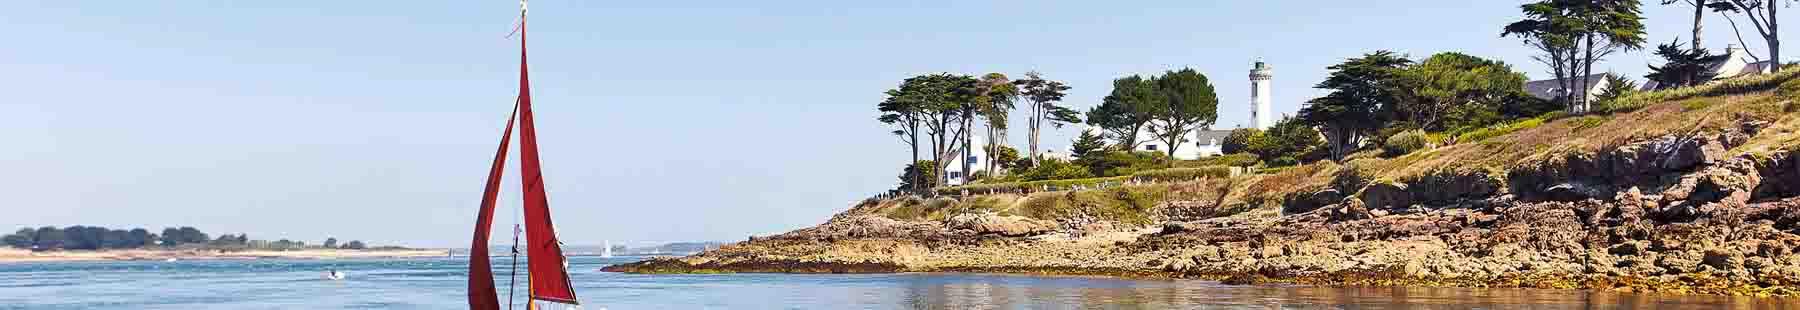 Plaisirs nautiques dans le Golfe du Morbihan